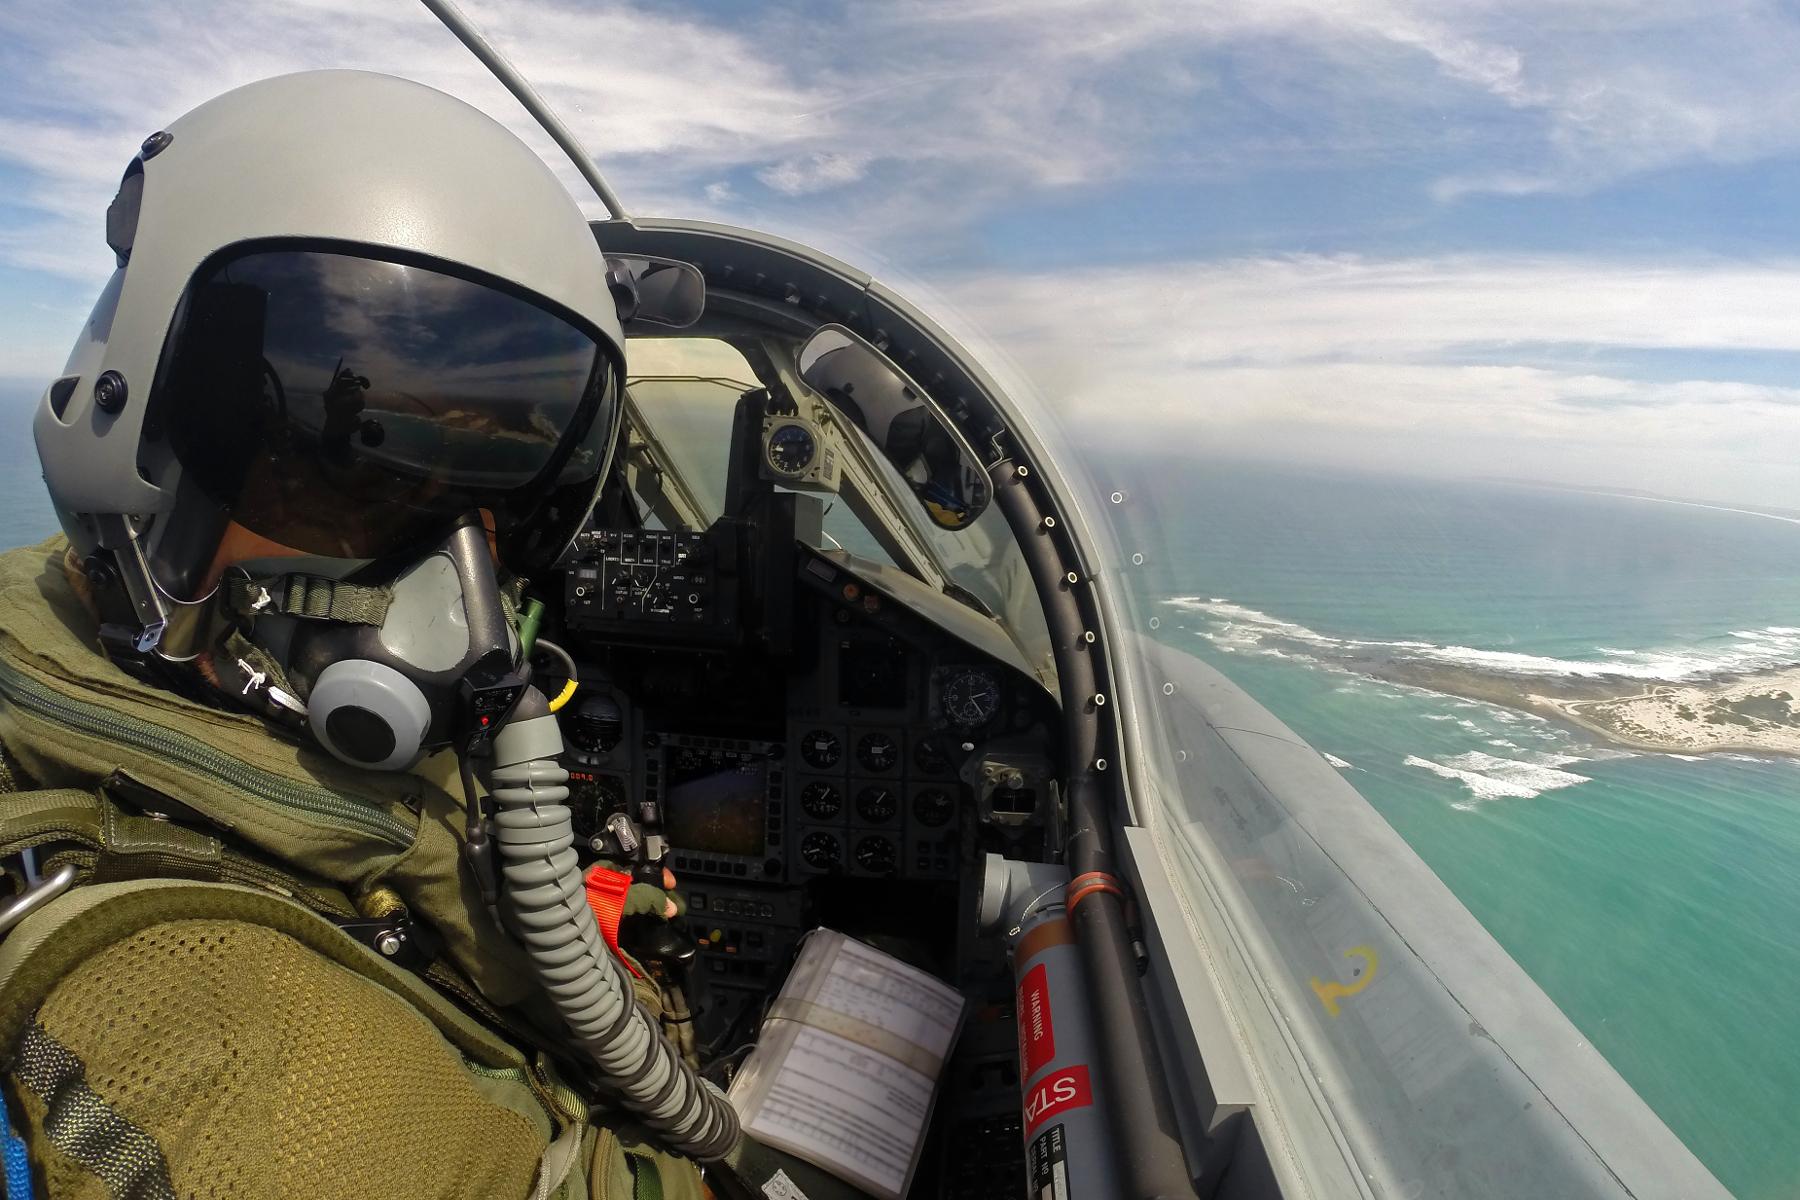 Ein Pilot des Taktischen Luftwaffengeschwaders 33 aus Büchel überfliegt in einem Tornado IDS ASSTA 3.0 die Südspitze Afrikas, Südafrika März 2017.